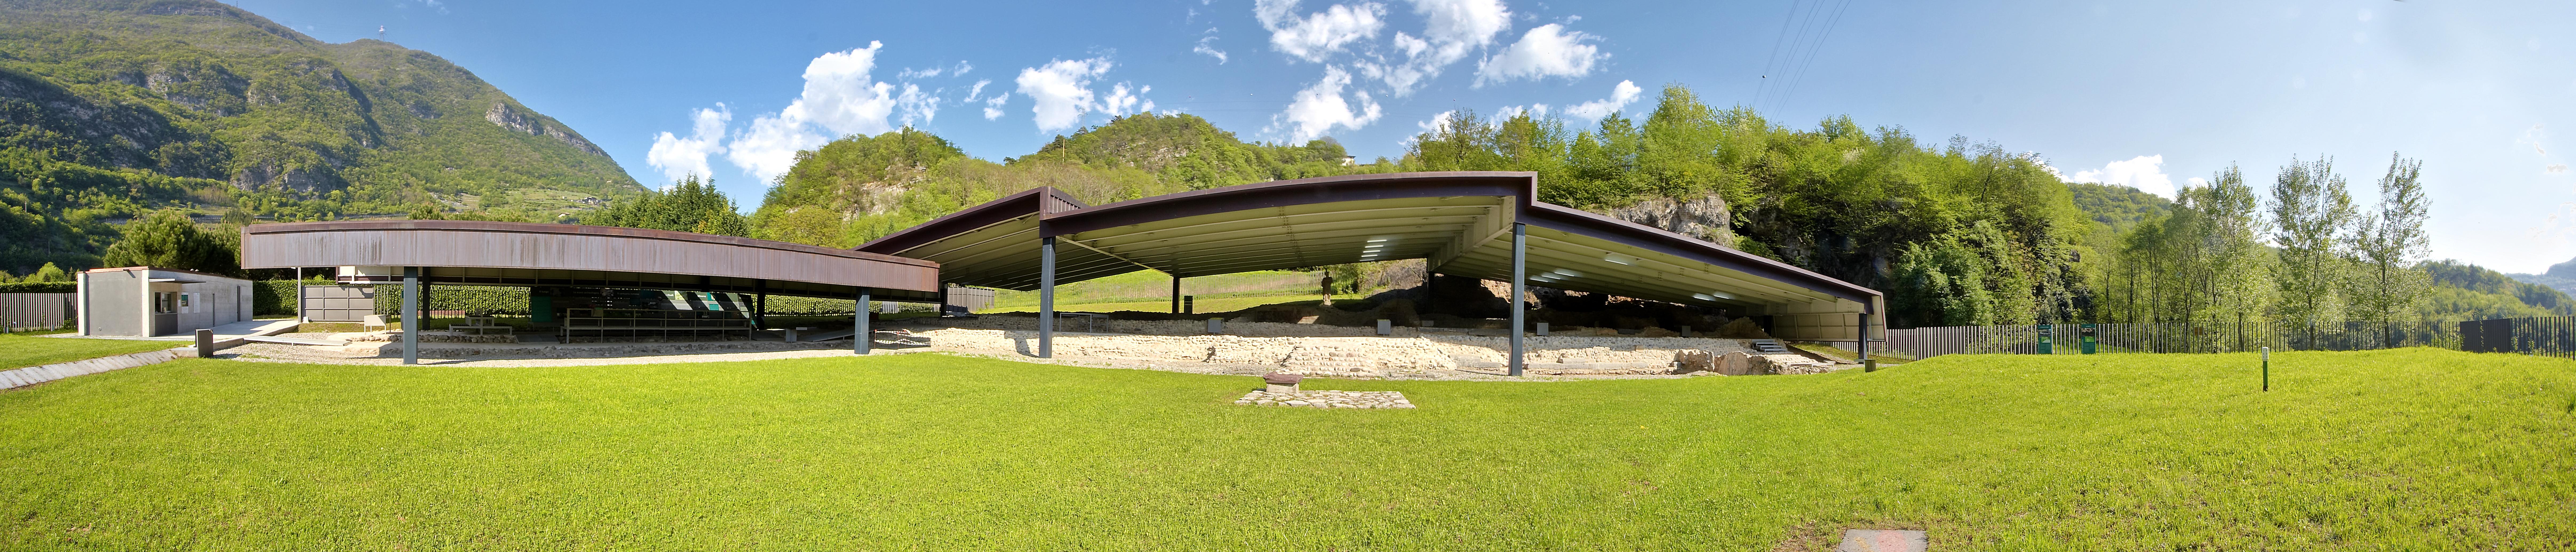 breno_Spinera_parco-santuario-minerva_foto-drm-lombardia